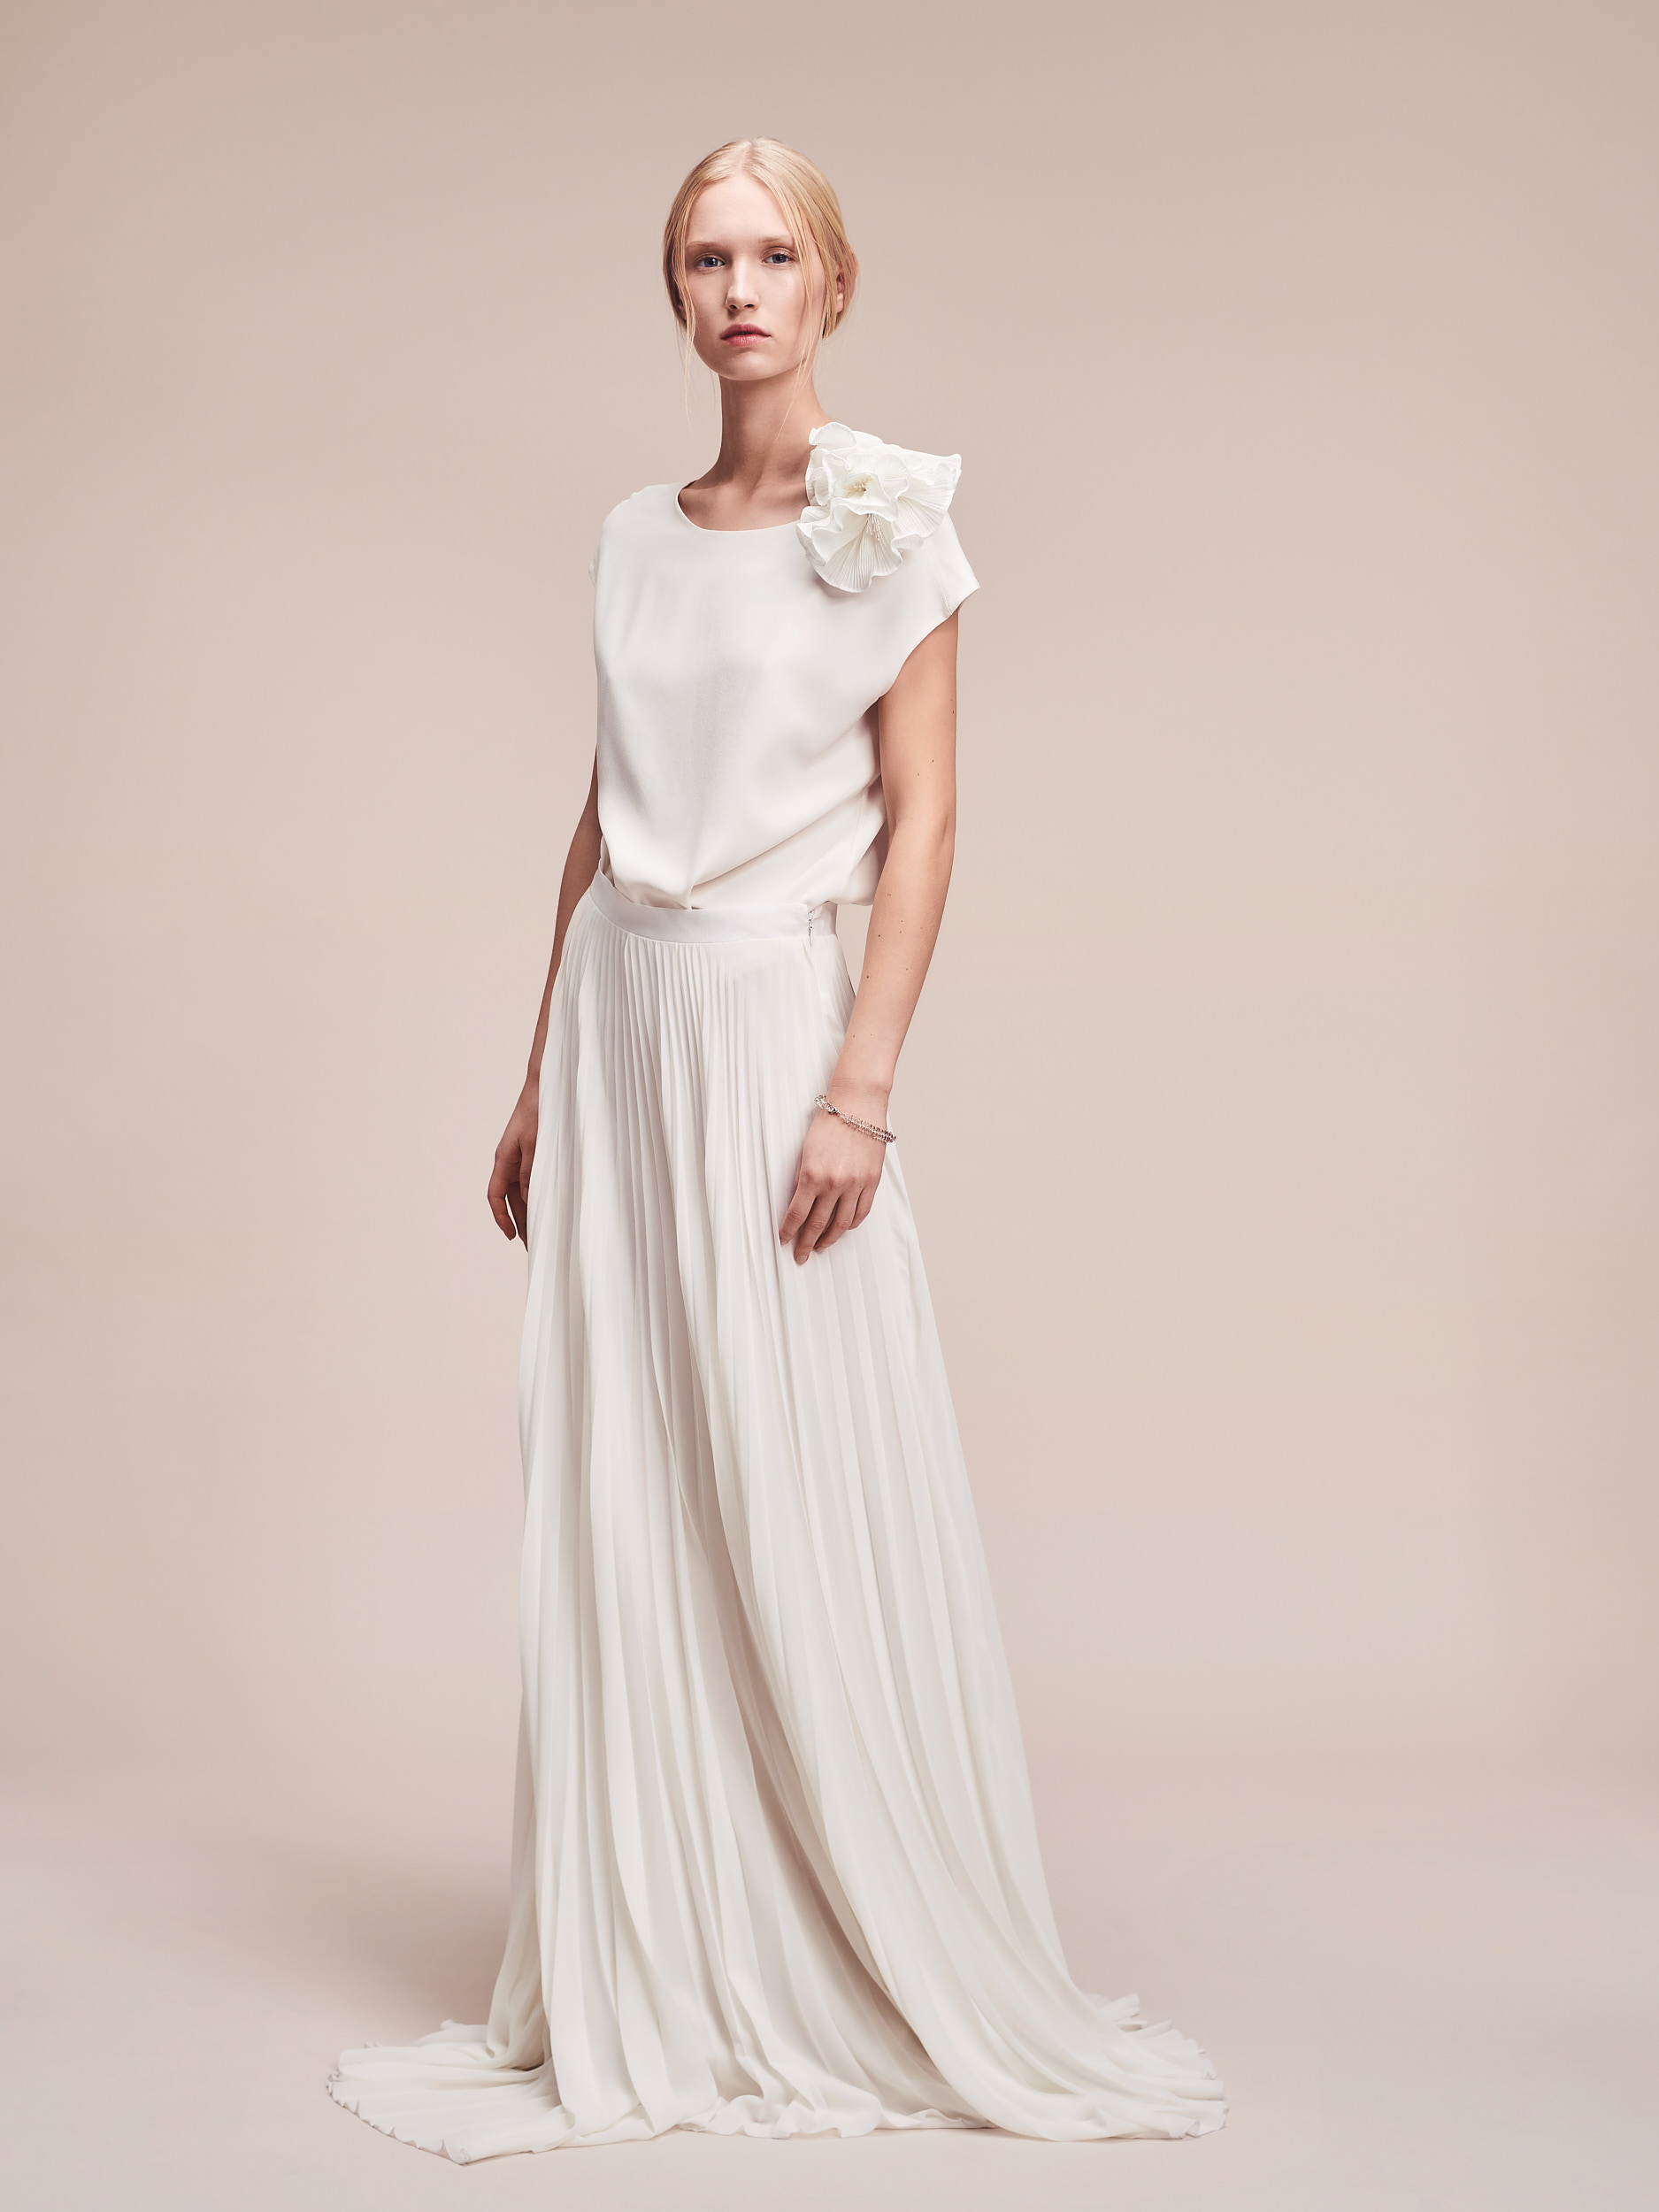 Minimalistisches Designer Brautkleid aus Seide von Magdalena Mayrock Berlin